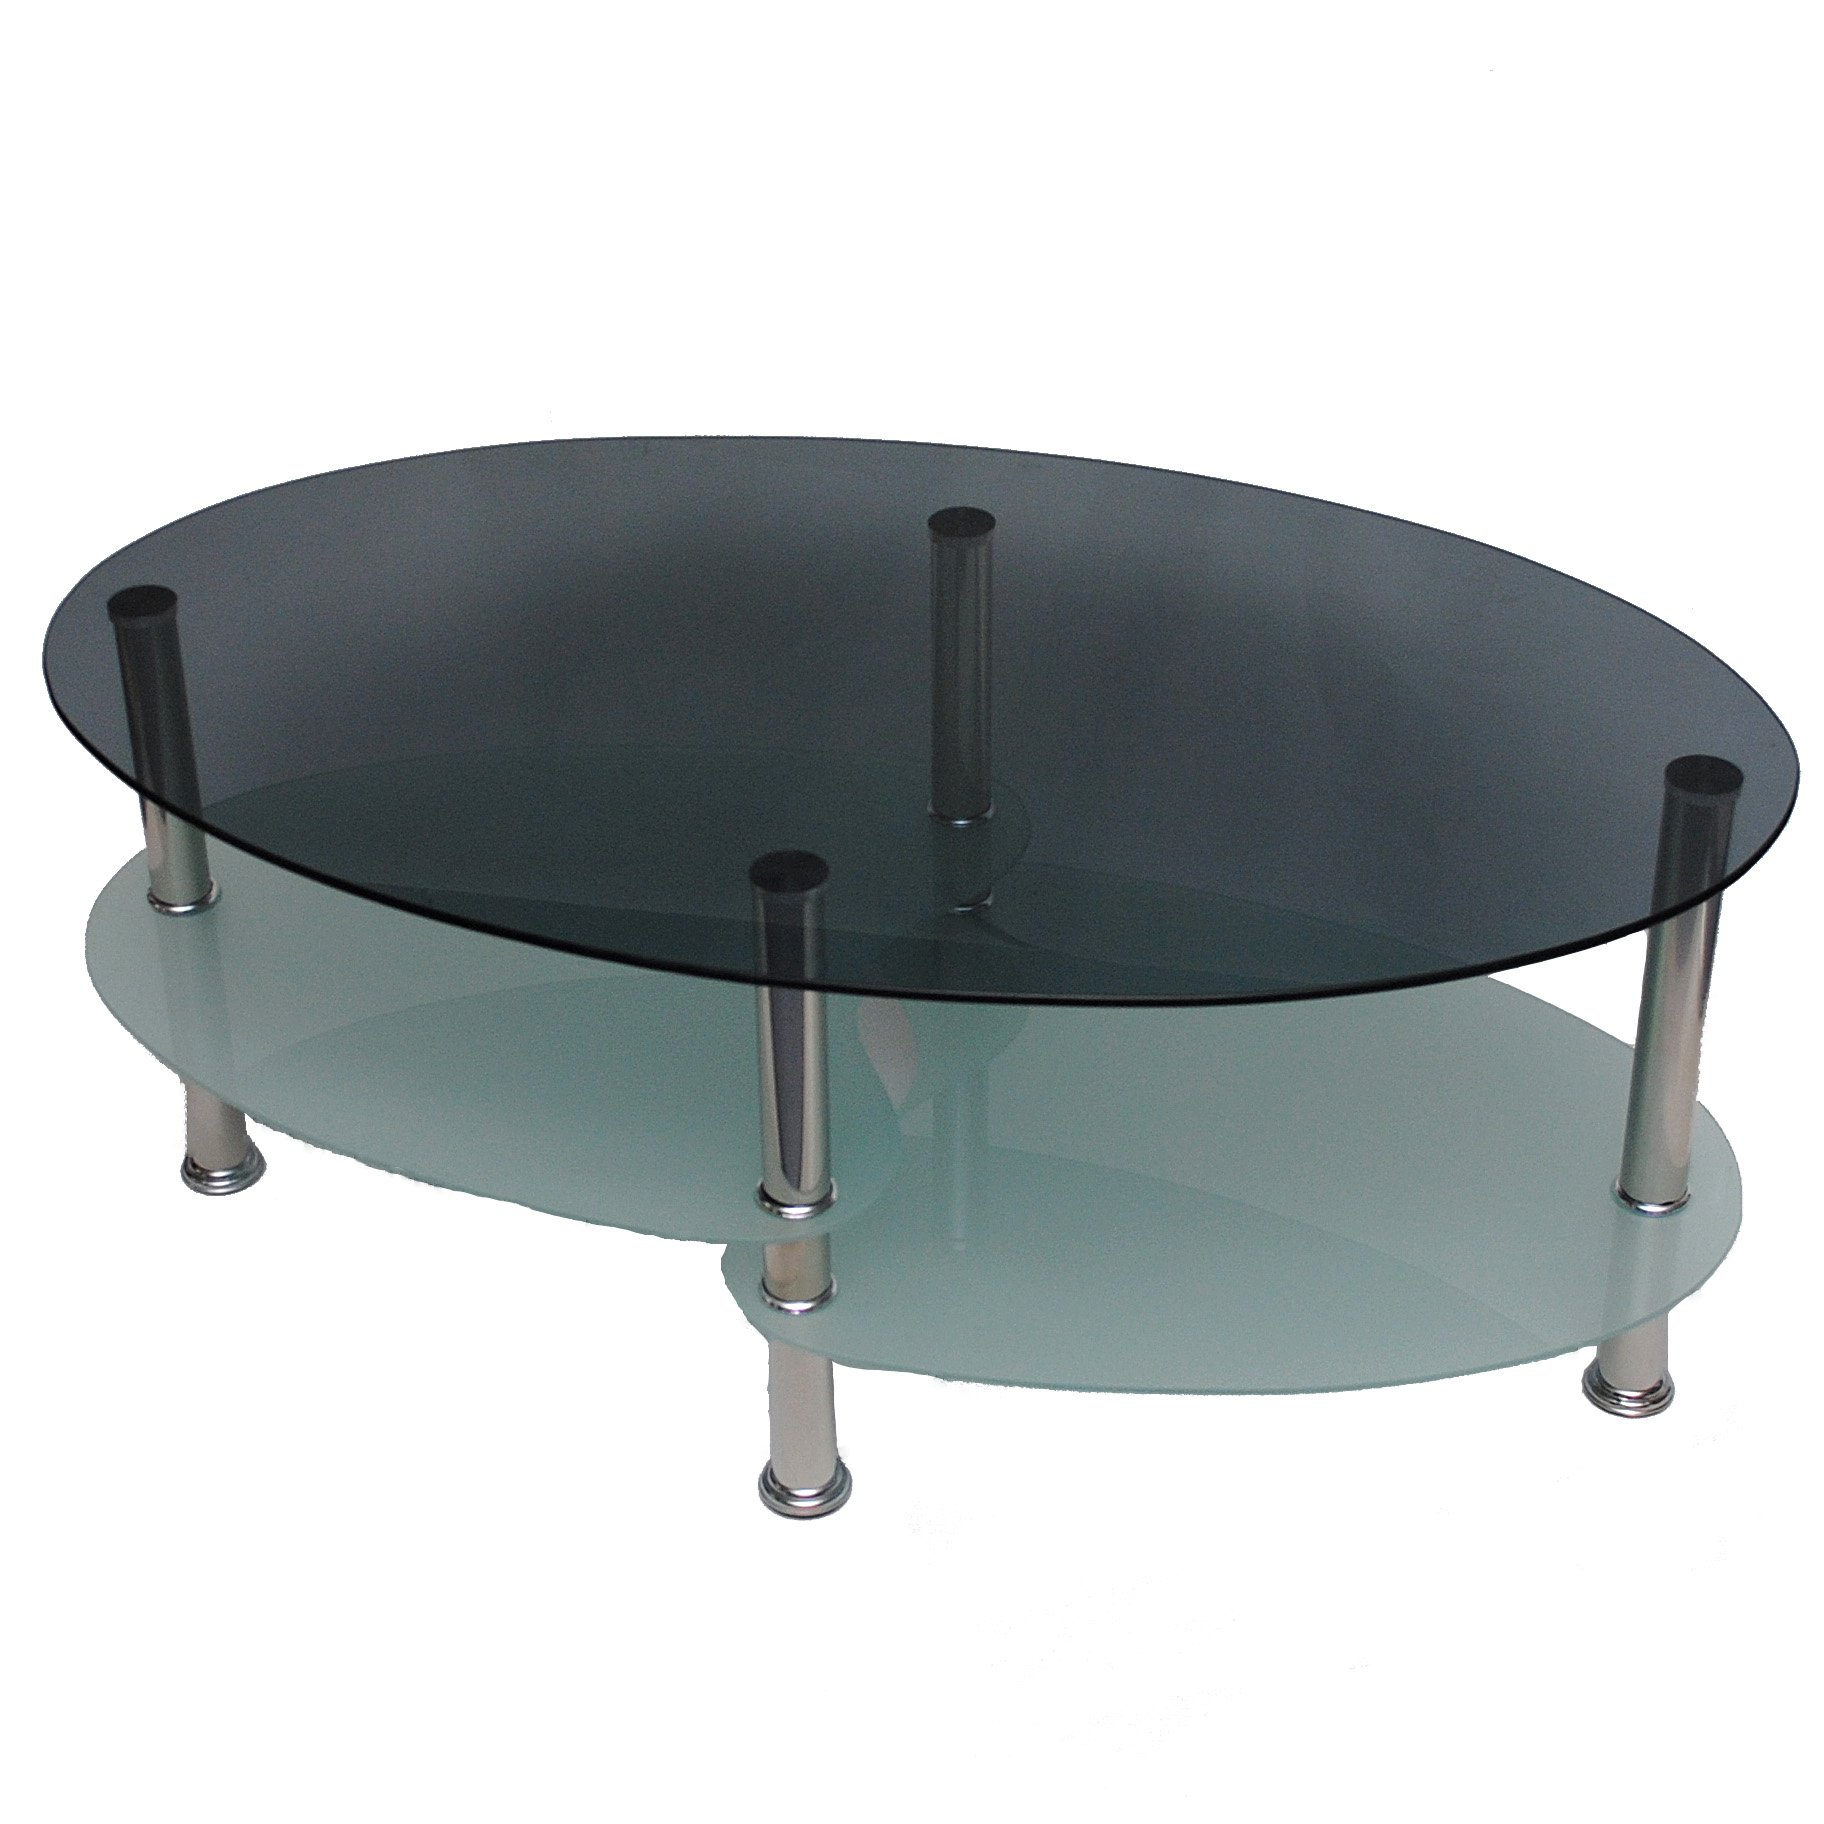 Tavolo vetro – ovale – 8 mm vetro di sicurezza fumè – acciaio innox